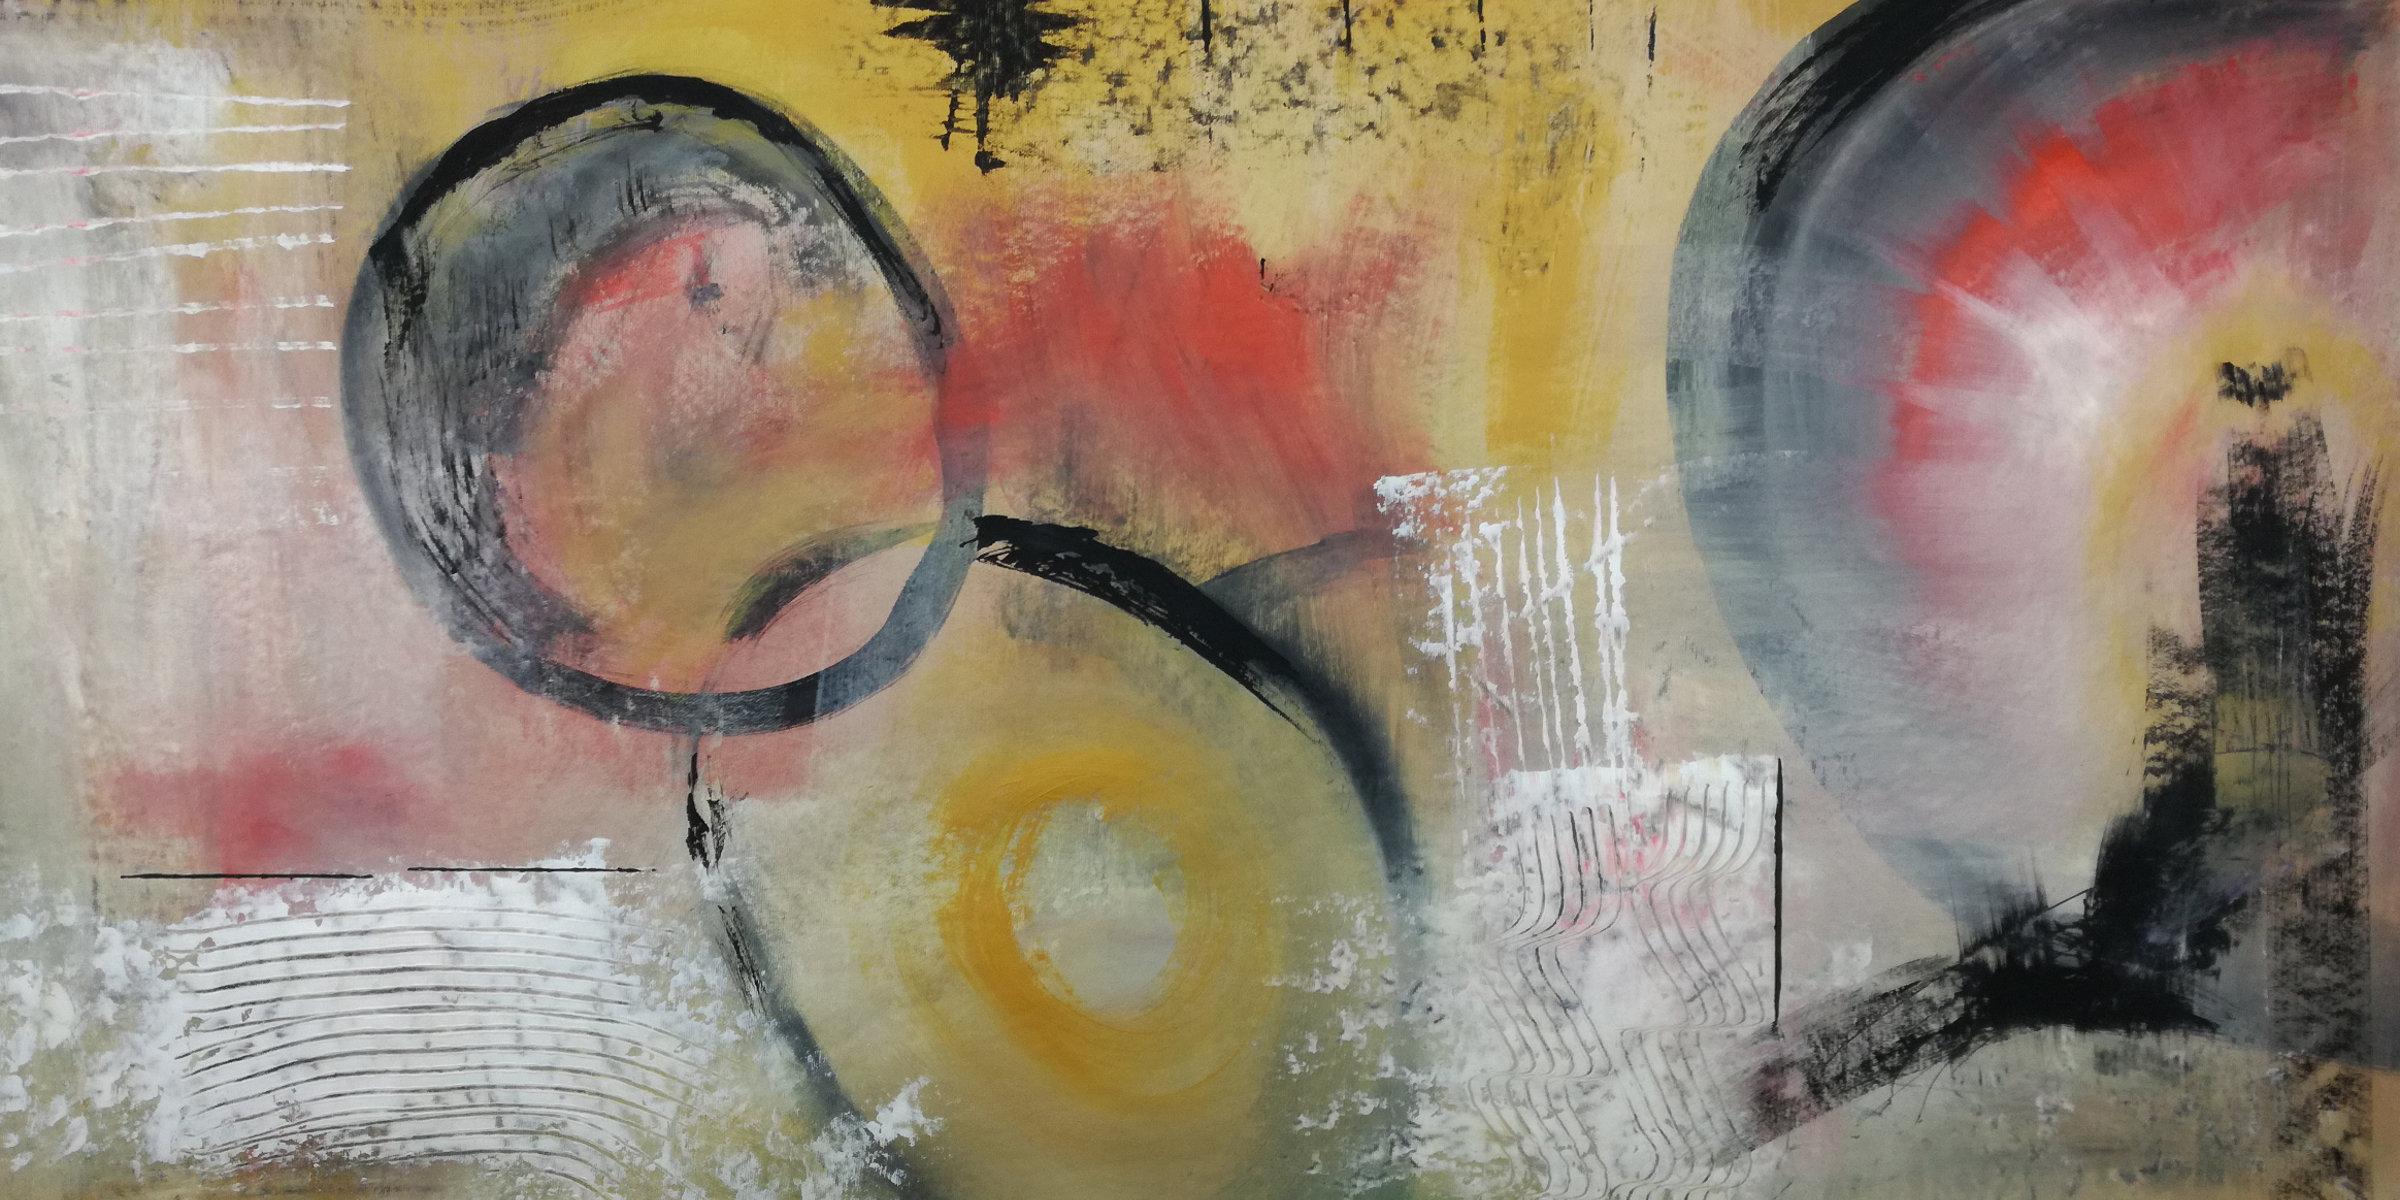 astratto c35 - dipinto astratto colorato 120x60